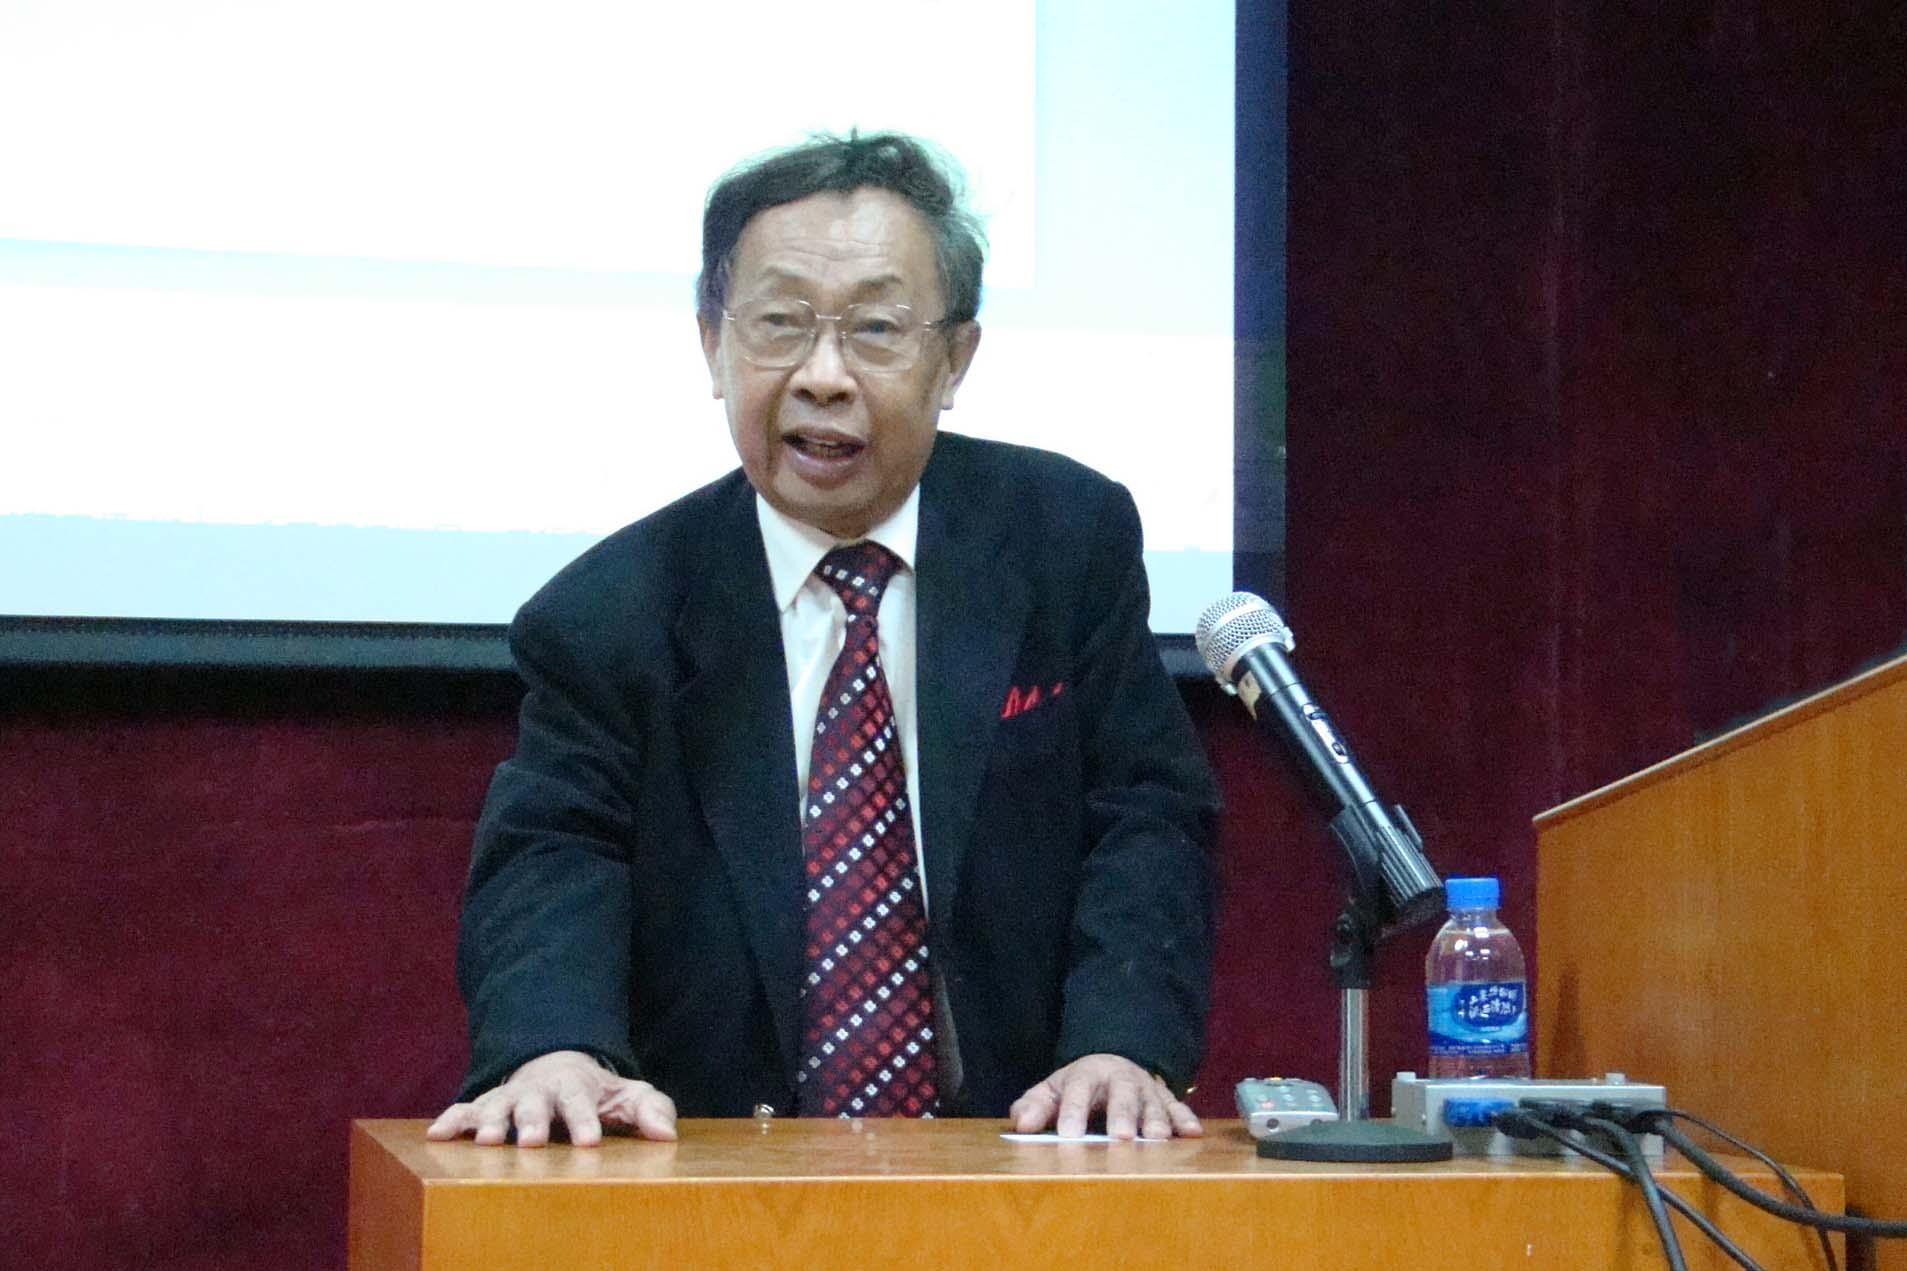 陈清泉:新能源汽车的环保性不容置疑  且意义远不至于此